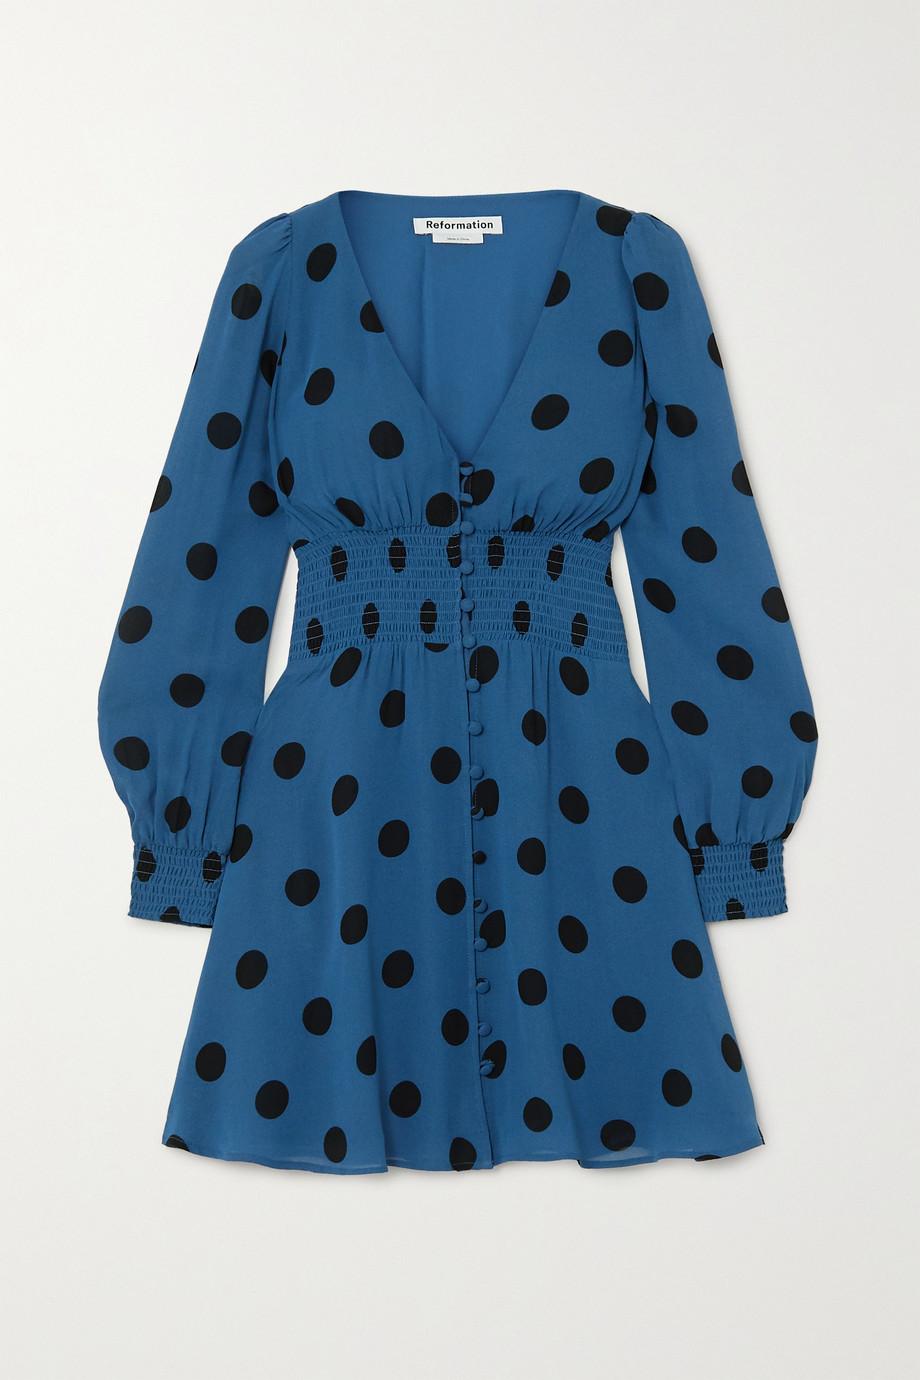 Reformation Mini-robe en georgette à pois et à smocks Alani